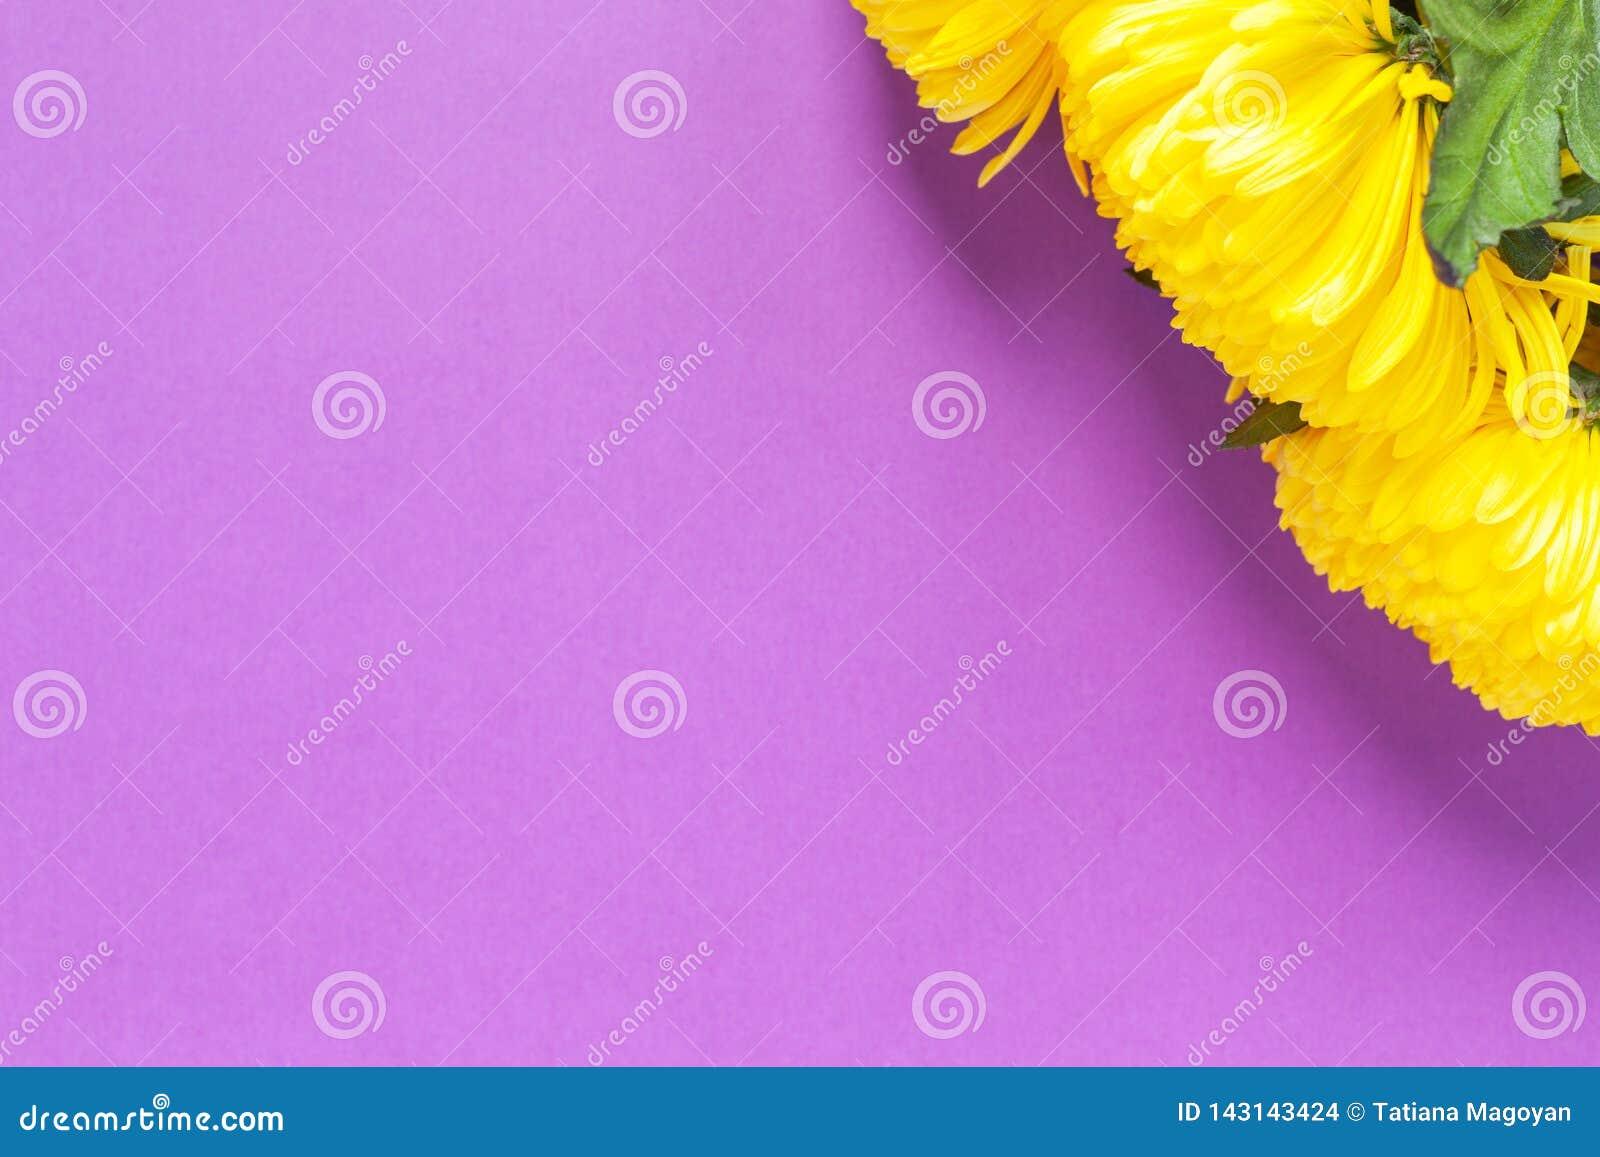 Vibrierende gelbe Chrysanthemen auf purpurrotem Hintergrund des Frühlings-Krokusses Flache Lage horizontal Modell mit Kopienraum